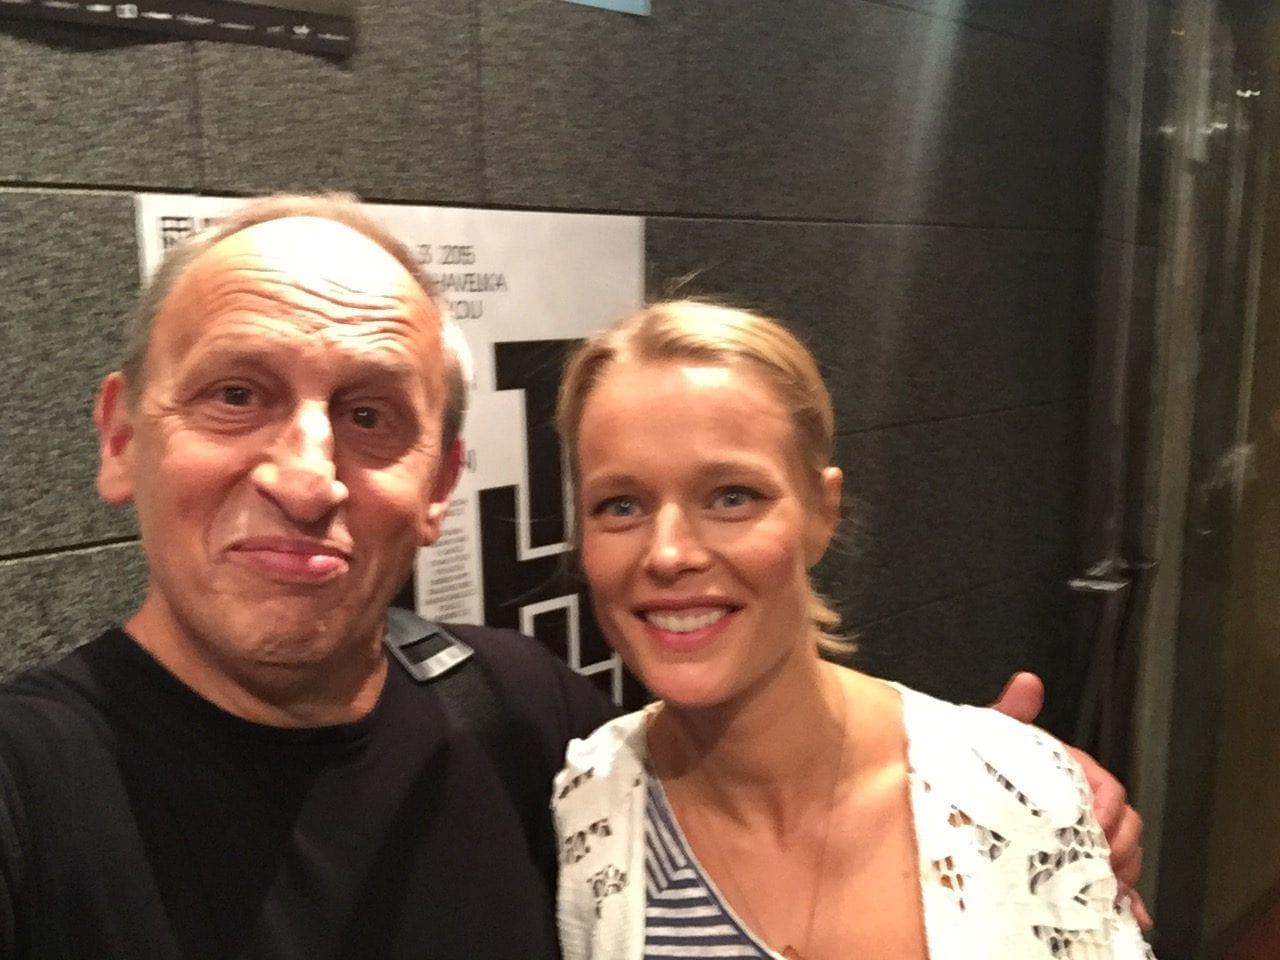 Helena Houdová s Janem Krausem po natáčení pořadu.